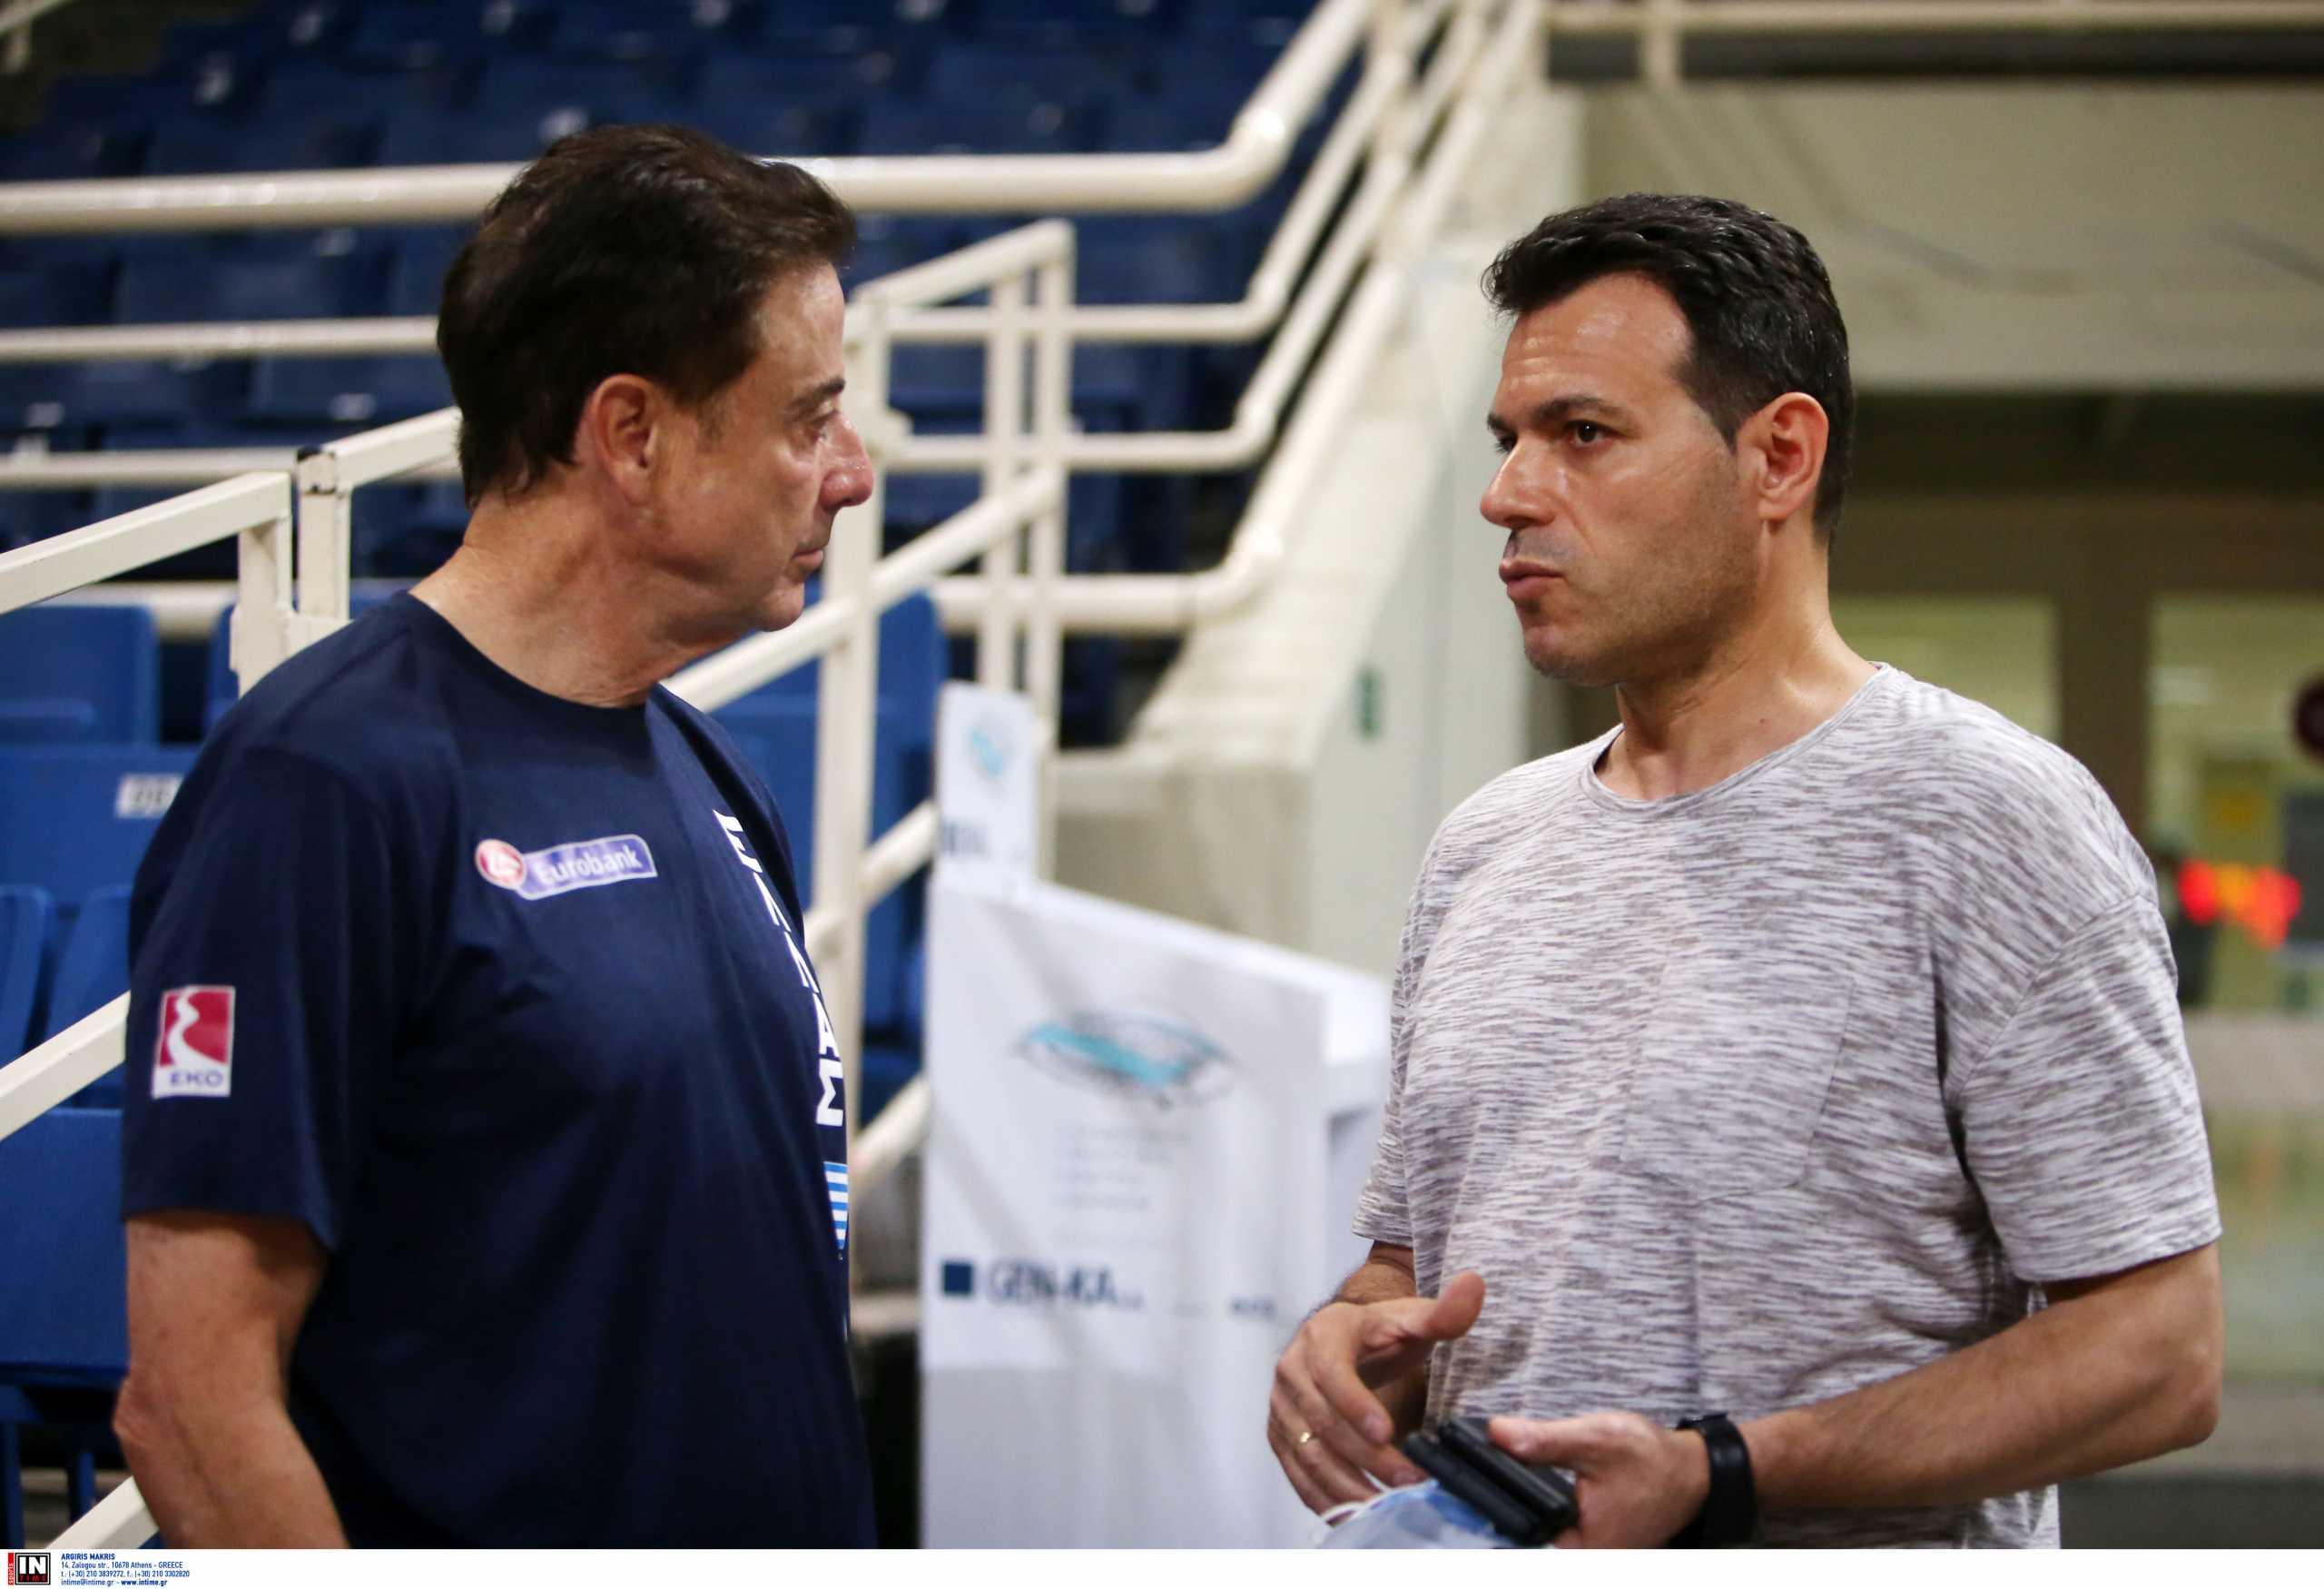 Βαγγέλης Λιόλιος: «Επικοινωνία με Ιτούδη για το Eurobasket» – Τι θα γίνει με τον προπονητή στα «παράθυρα»